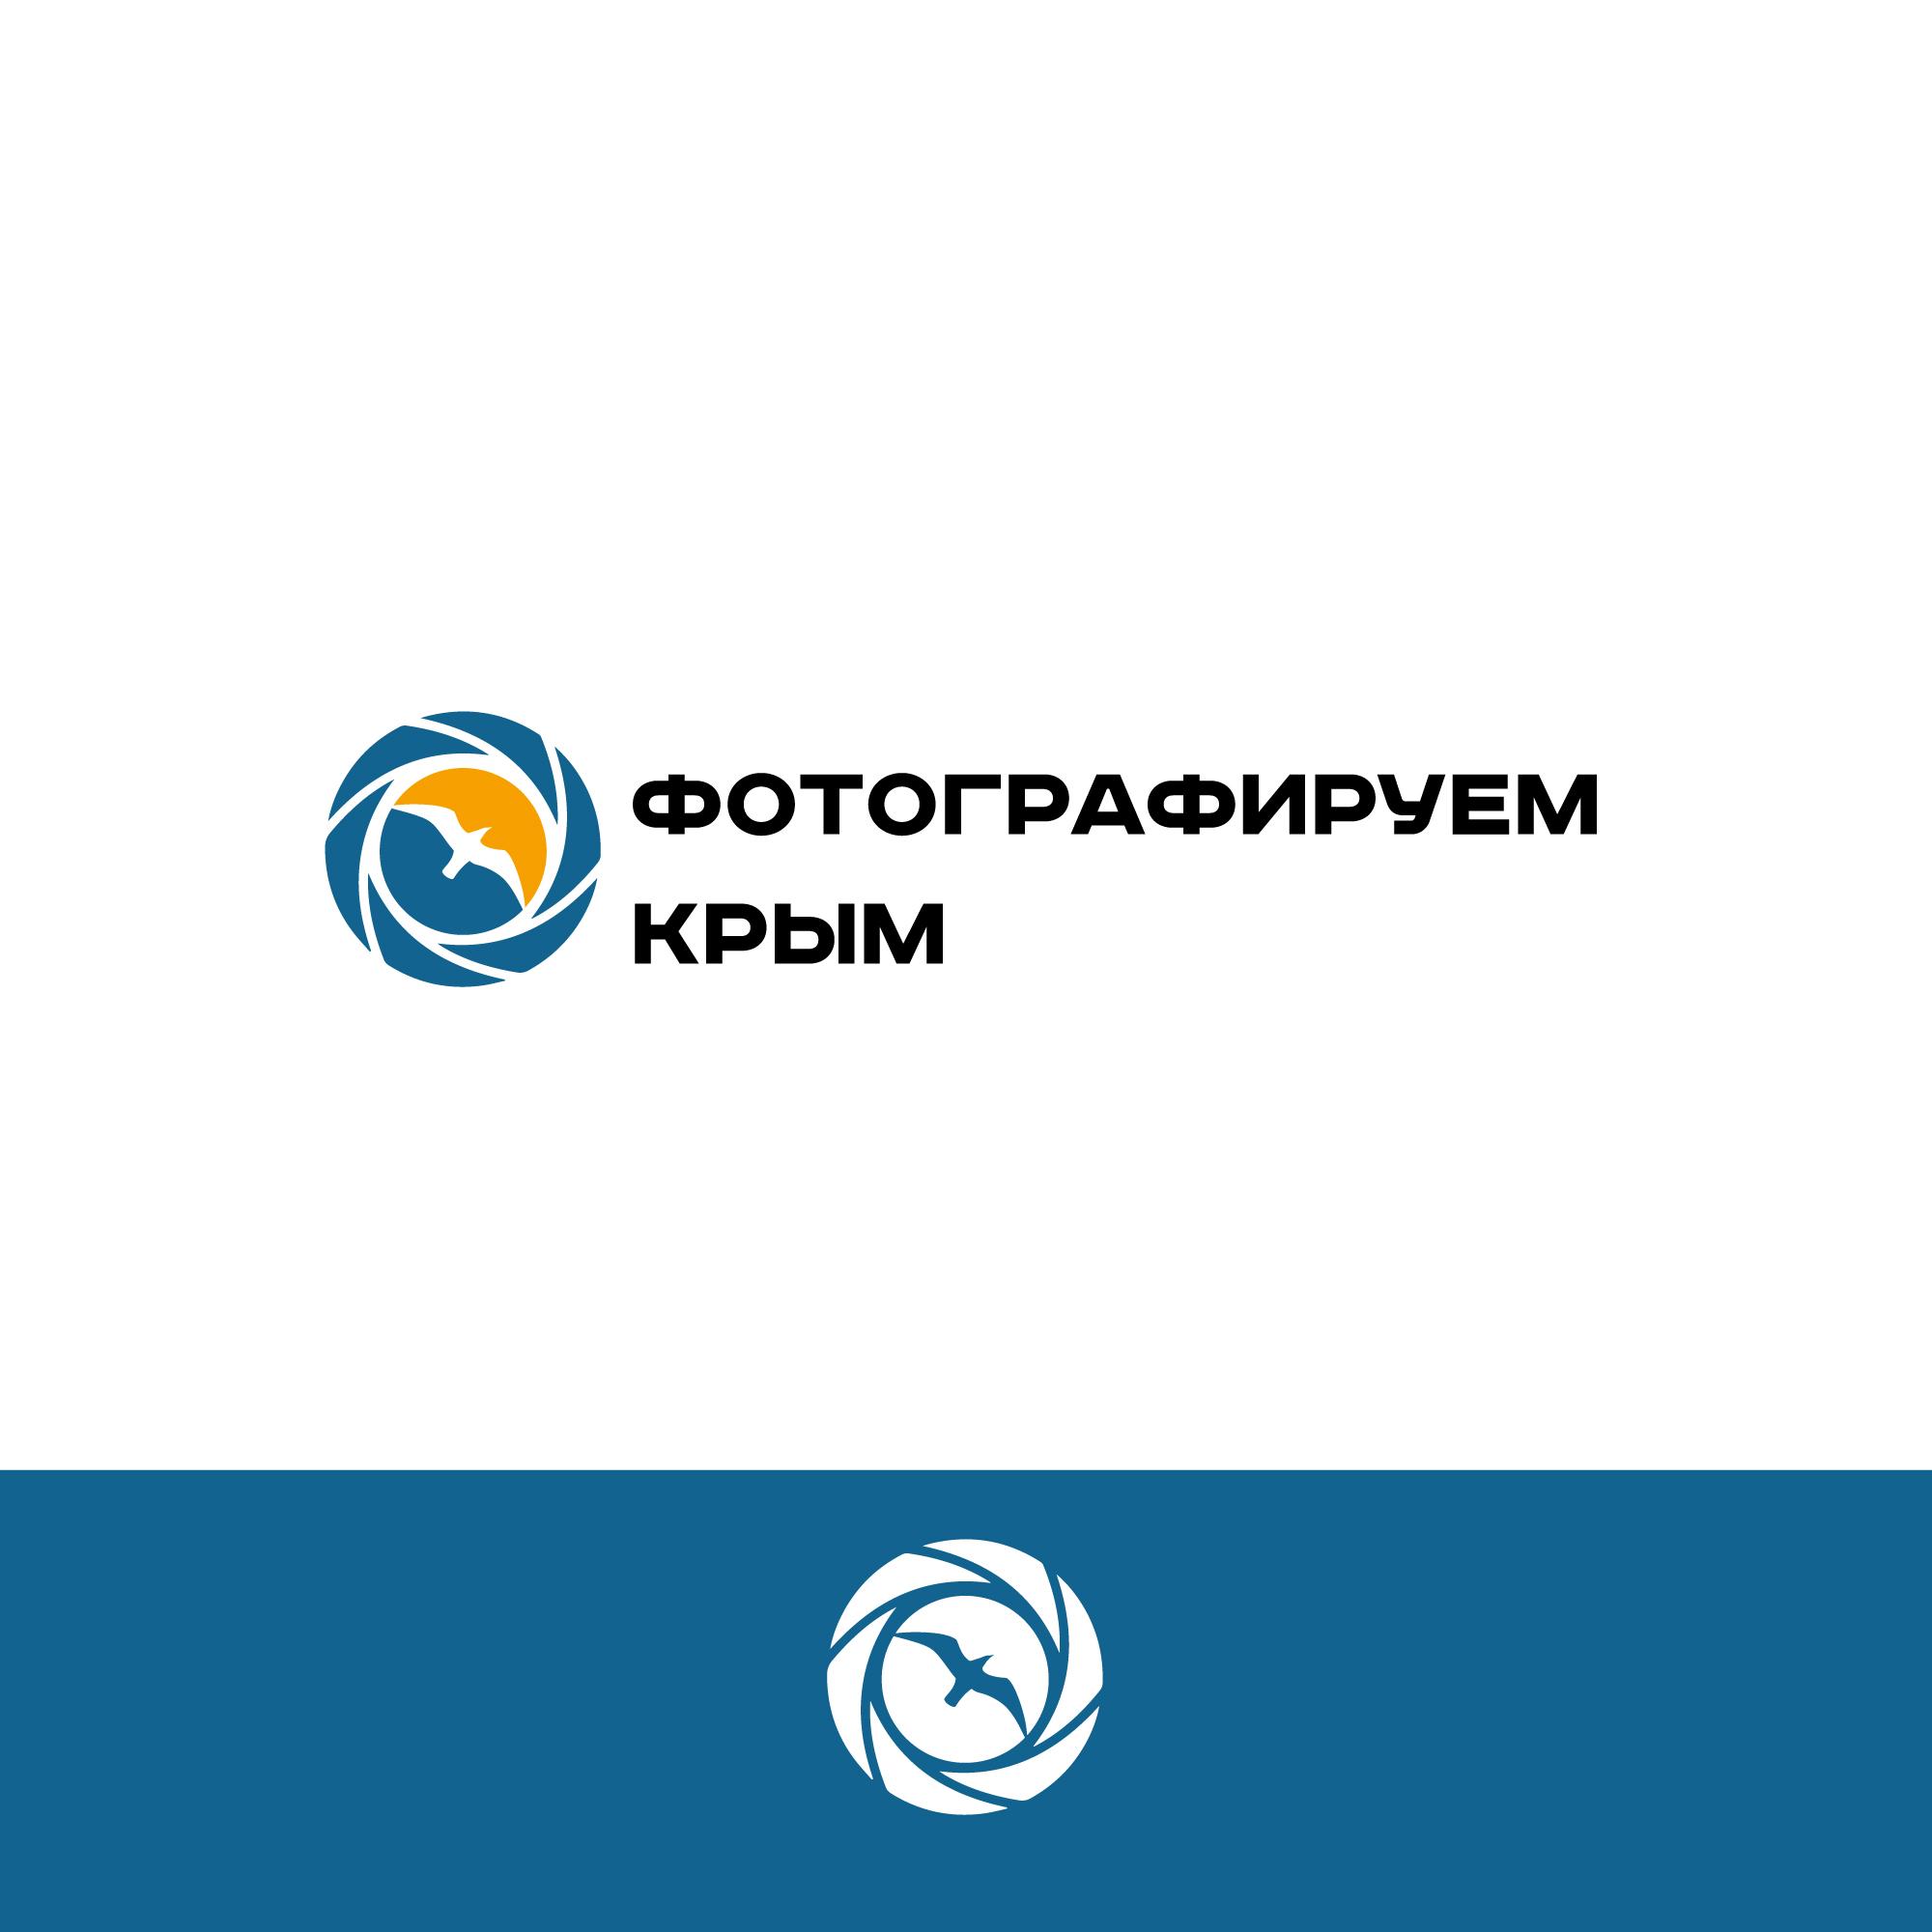 ЛОГОТИП + фирменный стиль фотоконкурса ФОТОГРАФИРУЕМ КРЫМ фото f_1195c057806d0cf8.jpg